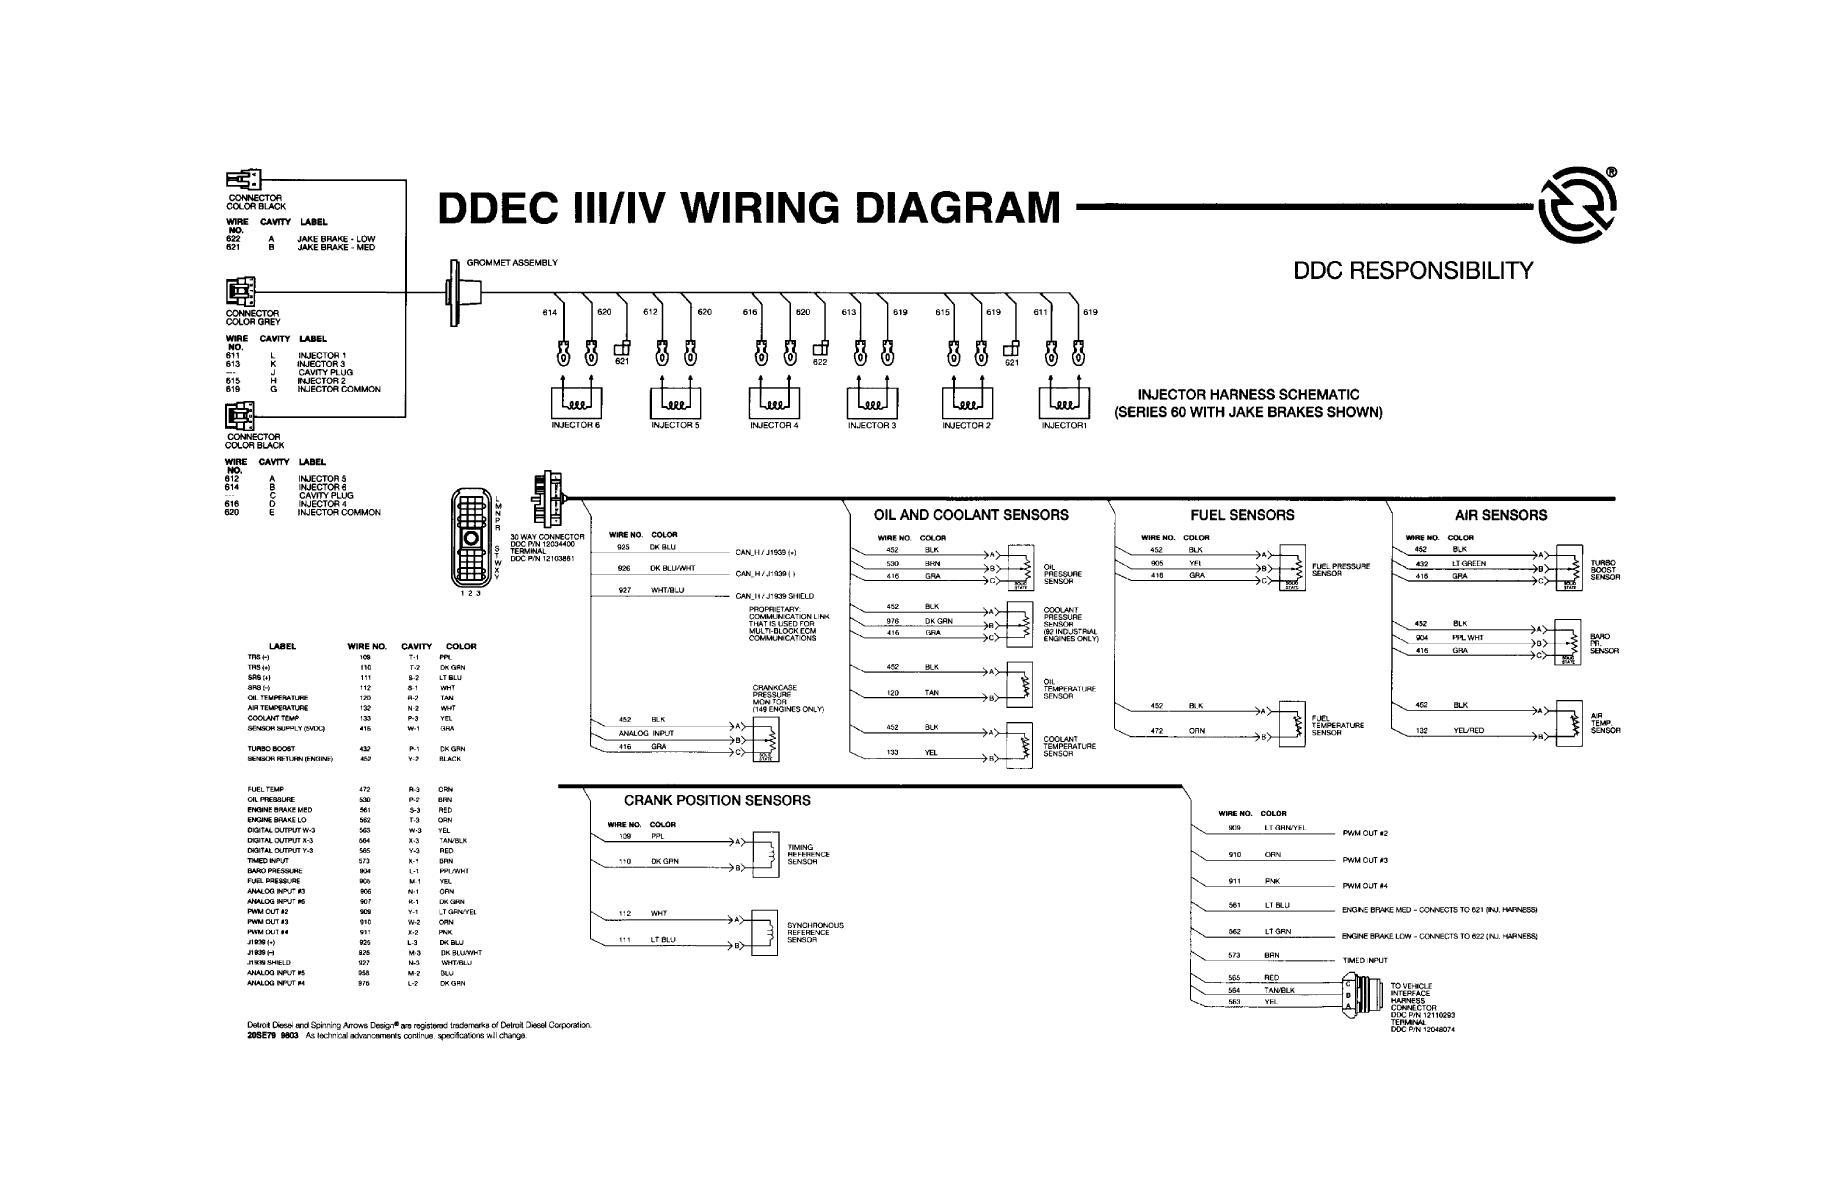 Ddec 111 Wiring Diagram - Wiring Diagram Write Ddec Wiring Diagram Ecm on